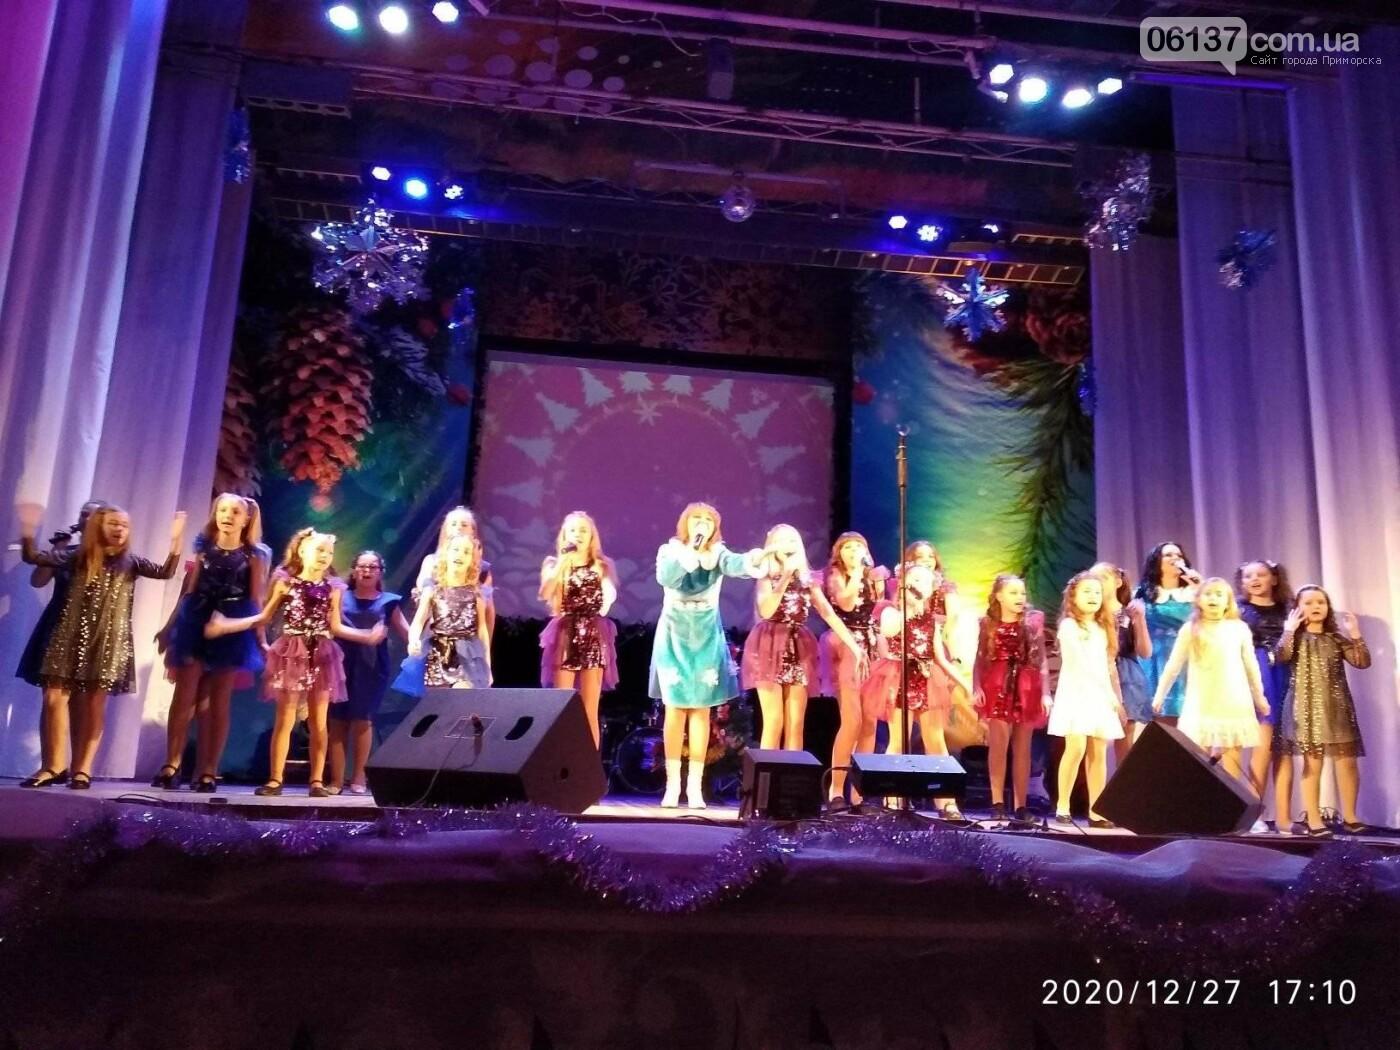 """Цієї неділі 27 грудня  мешканці Приморська отримали чудовий """"Новорічний настрій"""", фото-2"""